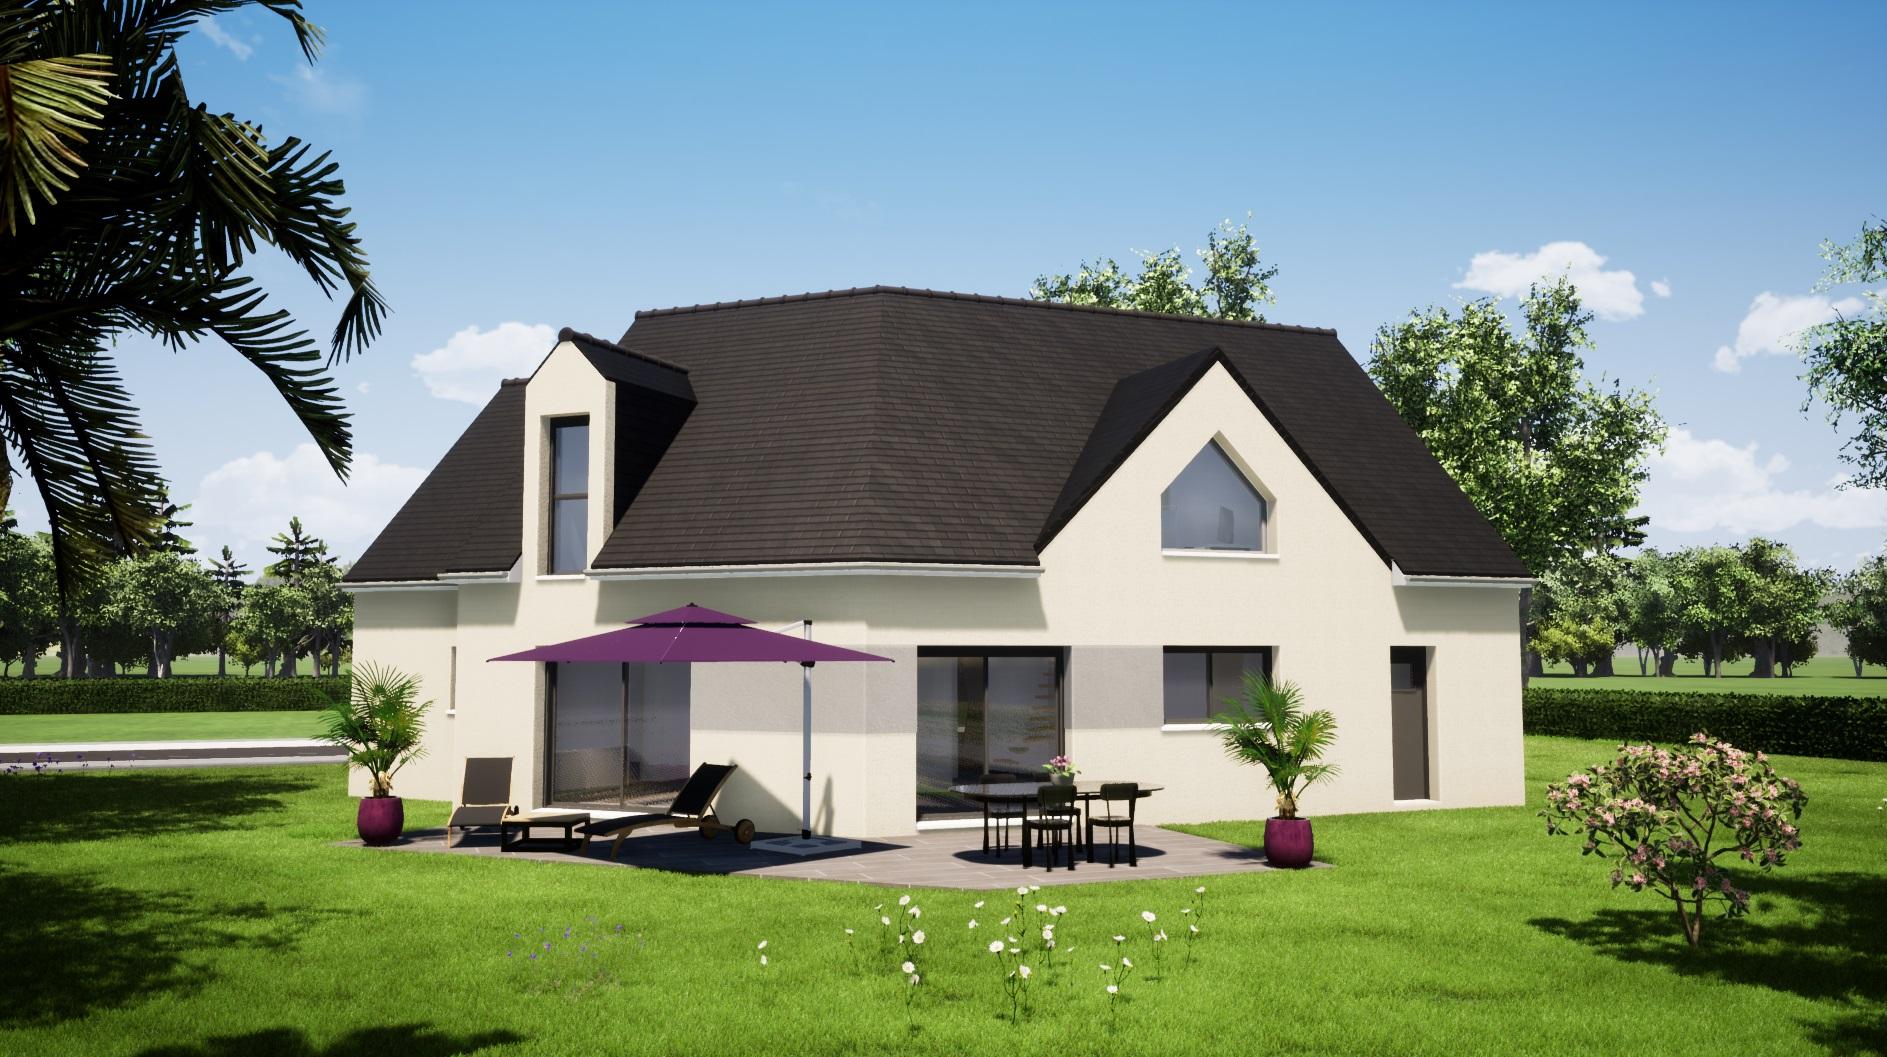 Maisons LG 3 chambres étage contemporaine Aigné 72650 façade arrière